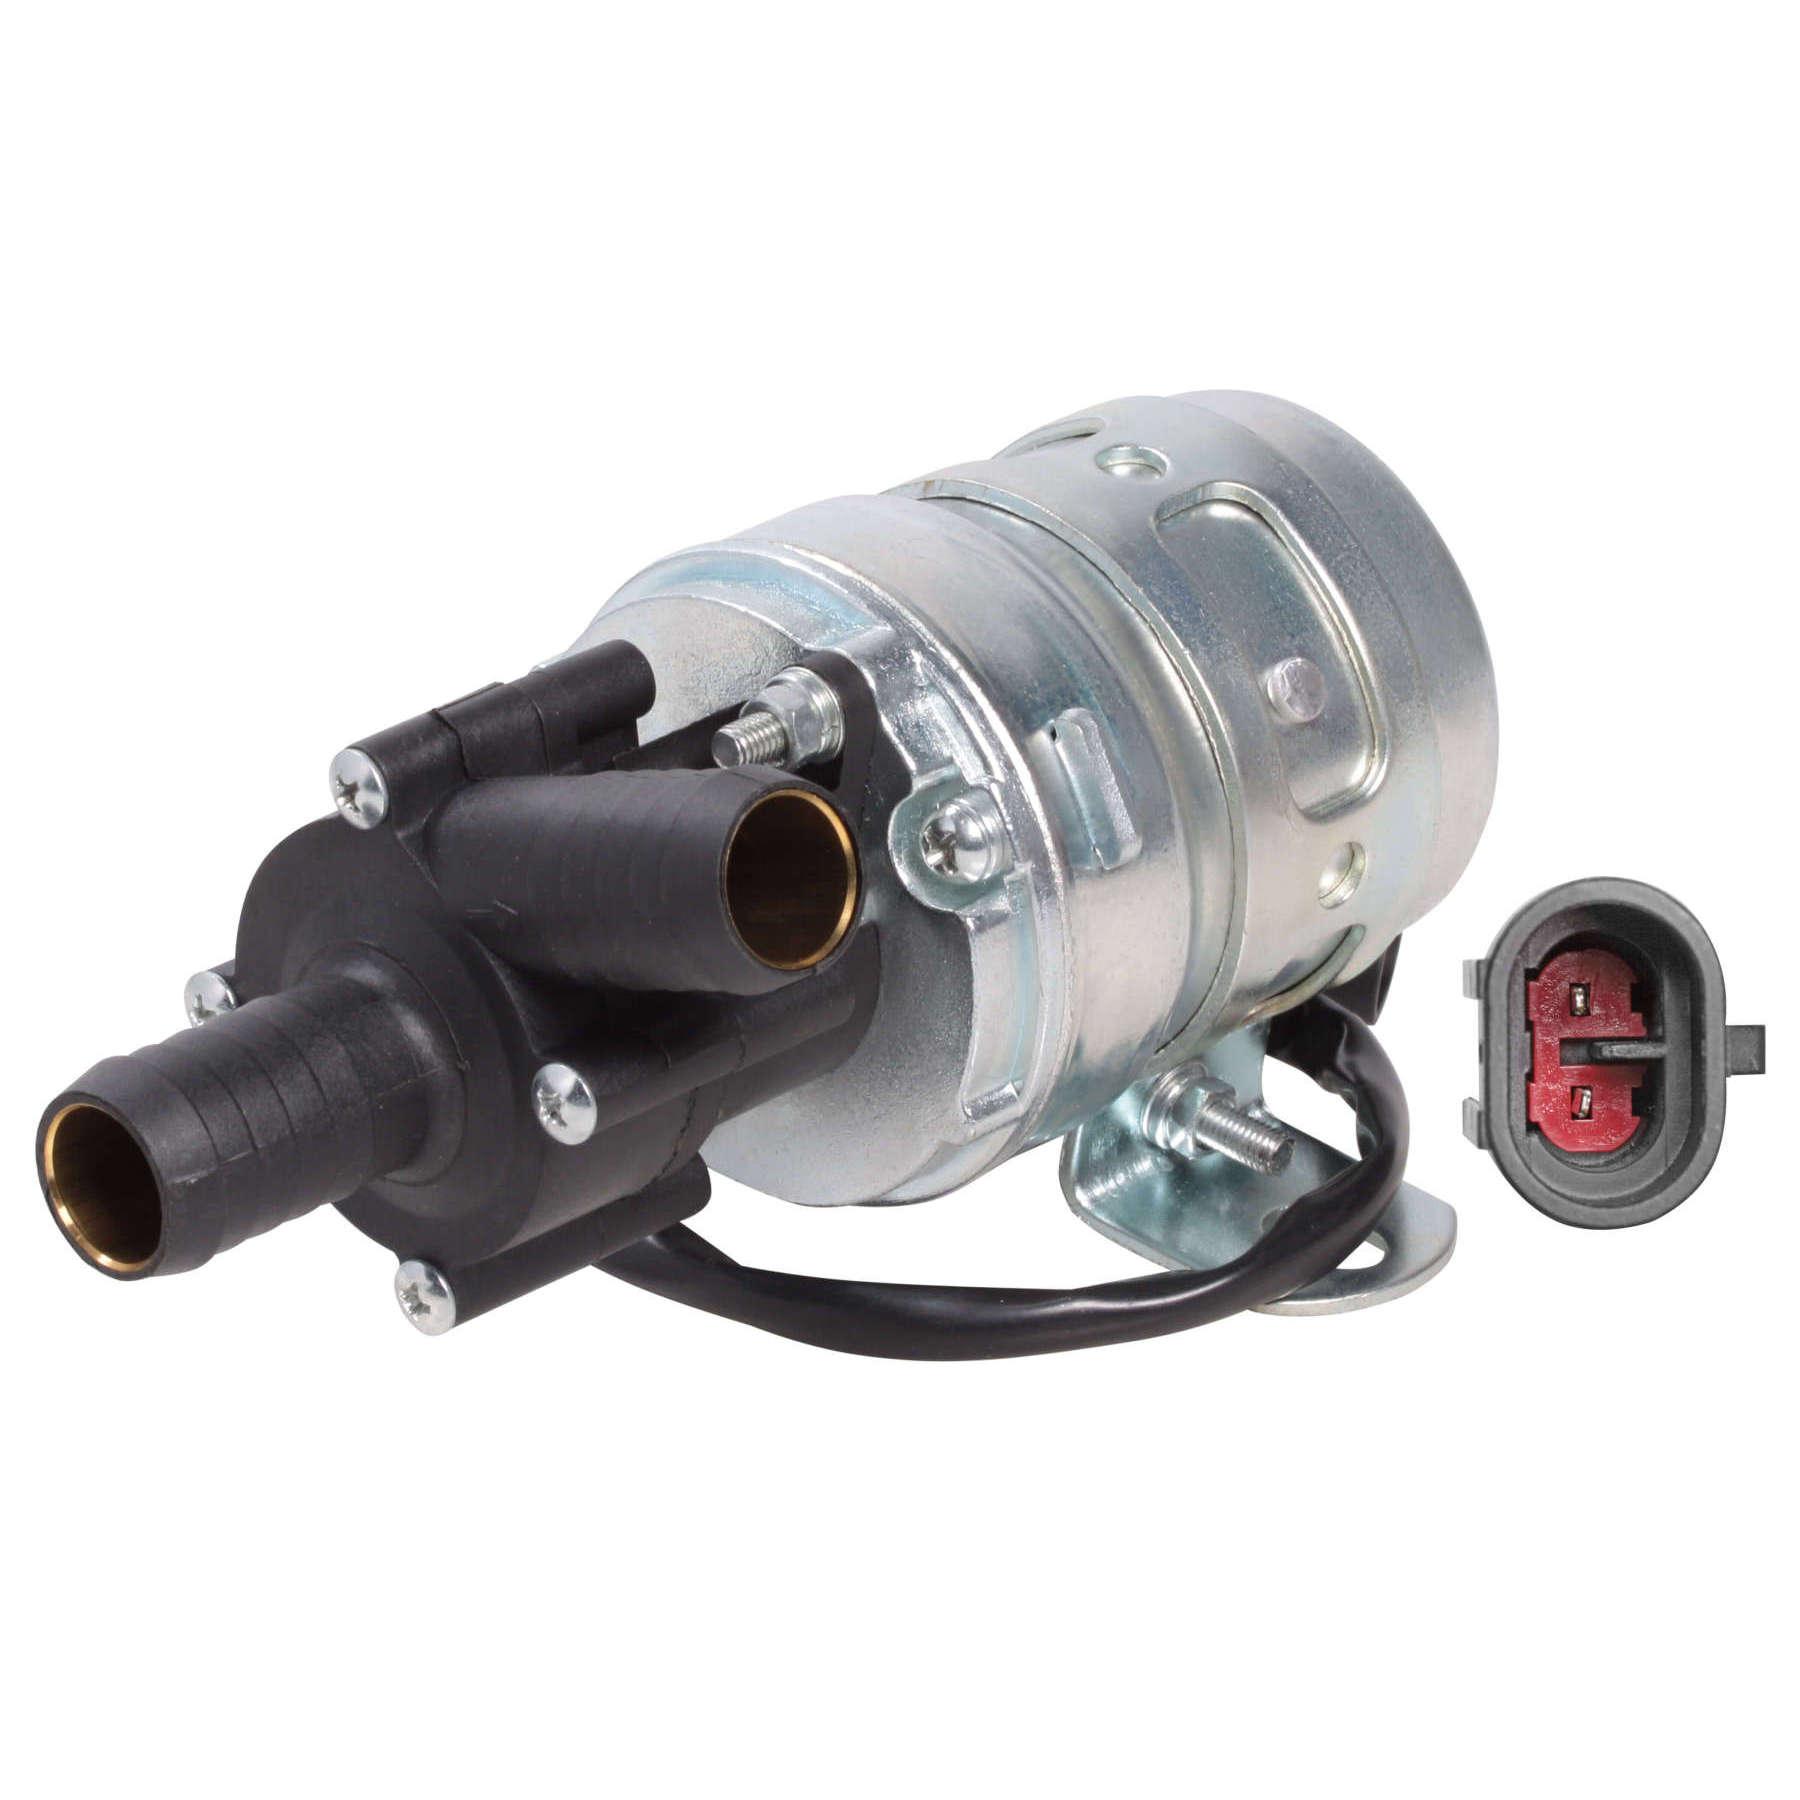 Насос отопителя дополнительный электрический (18мм, 12В, евроразъём) для автомобилей ГАЗ 3221/2217 STARTVOLT VPM 0322 Детали для обогревателя      АлиЭкспресс